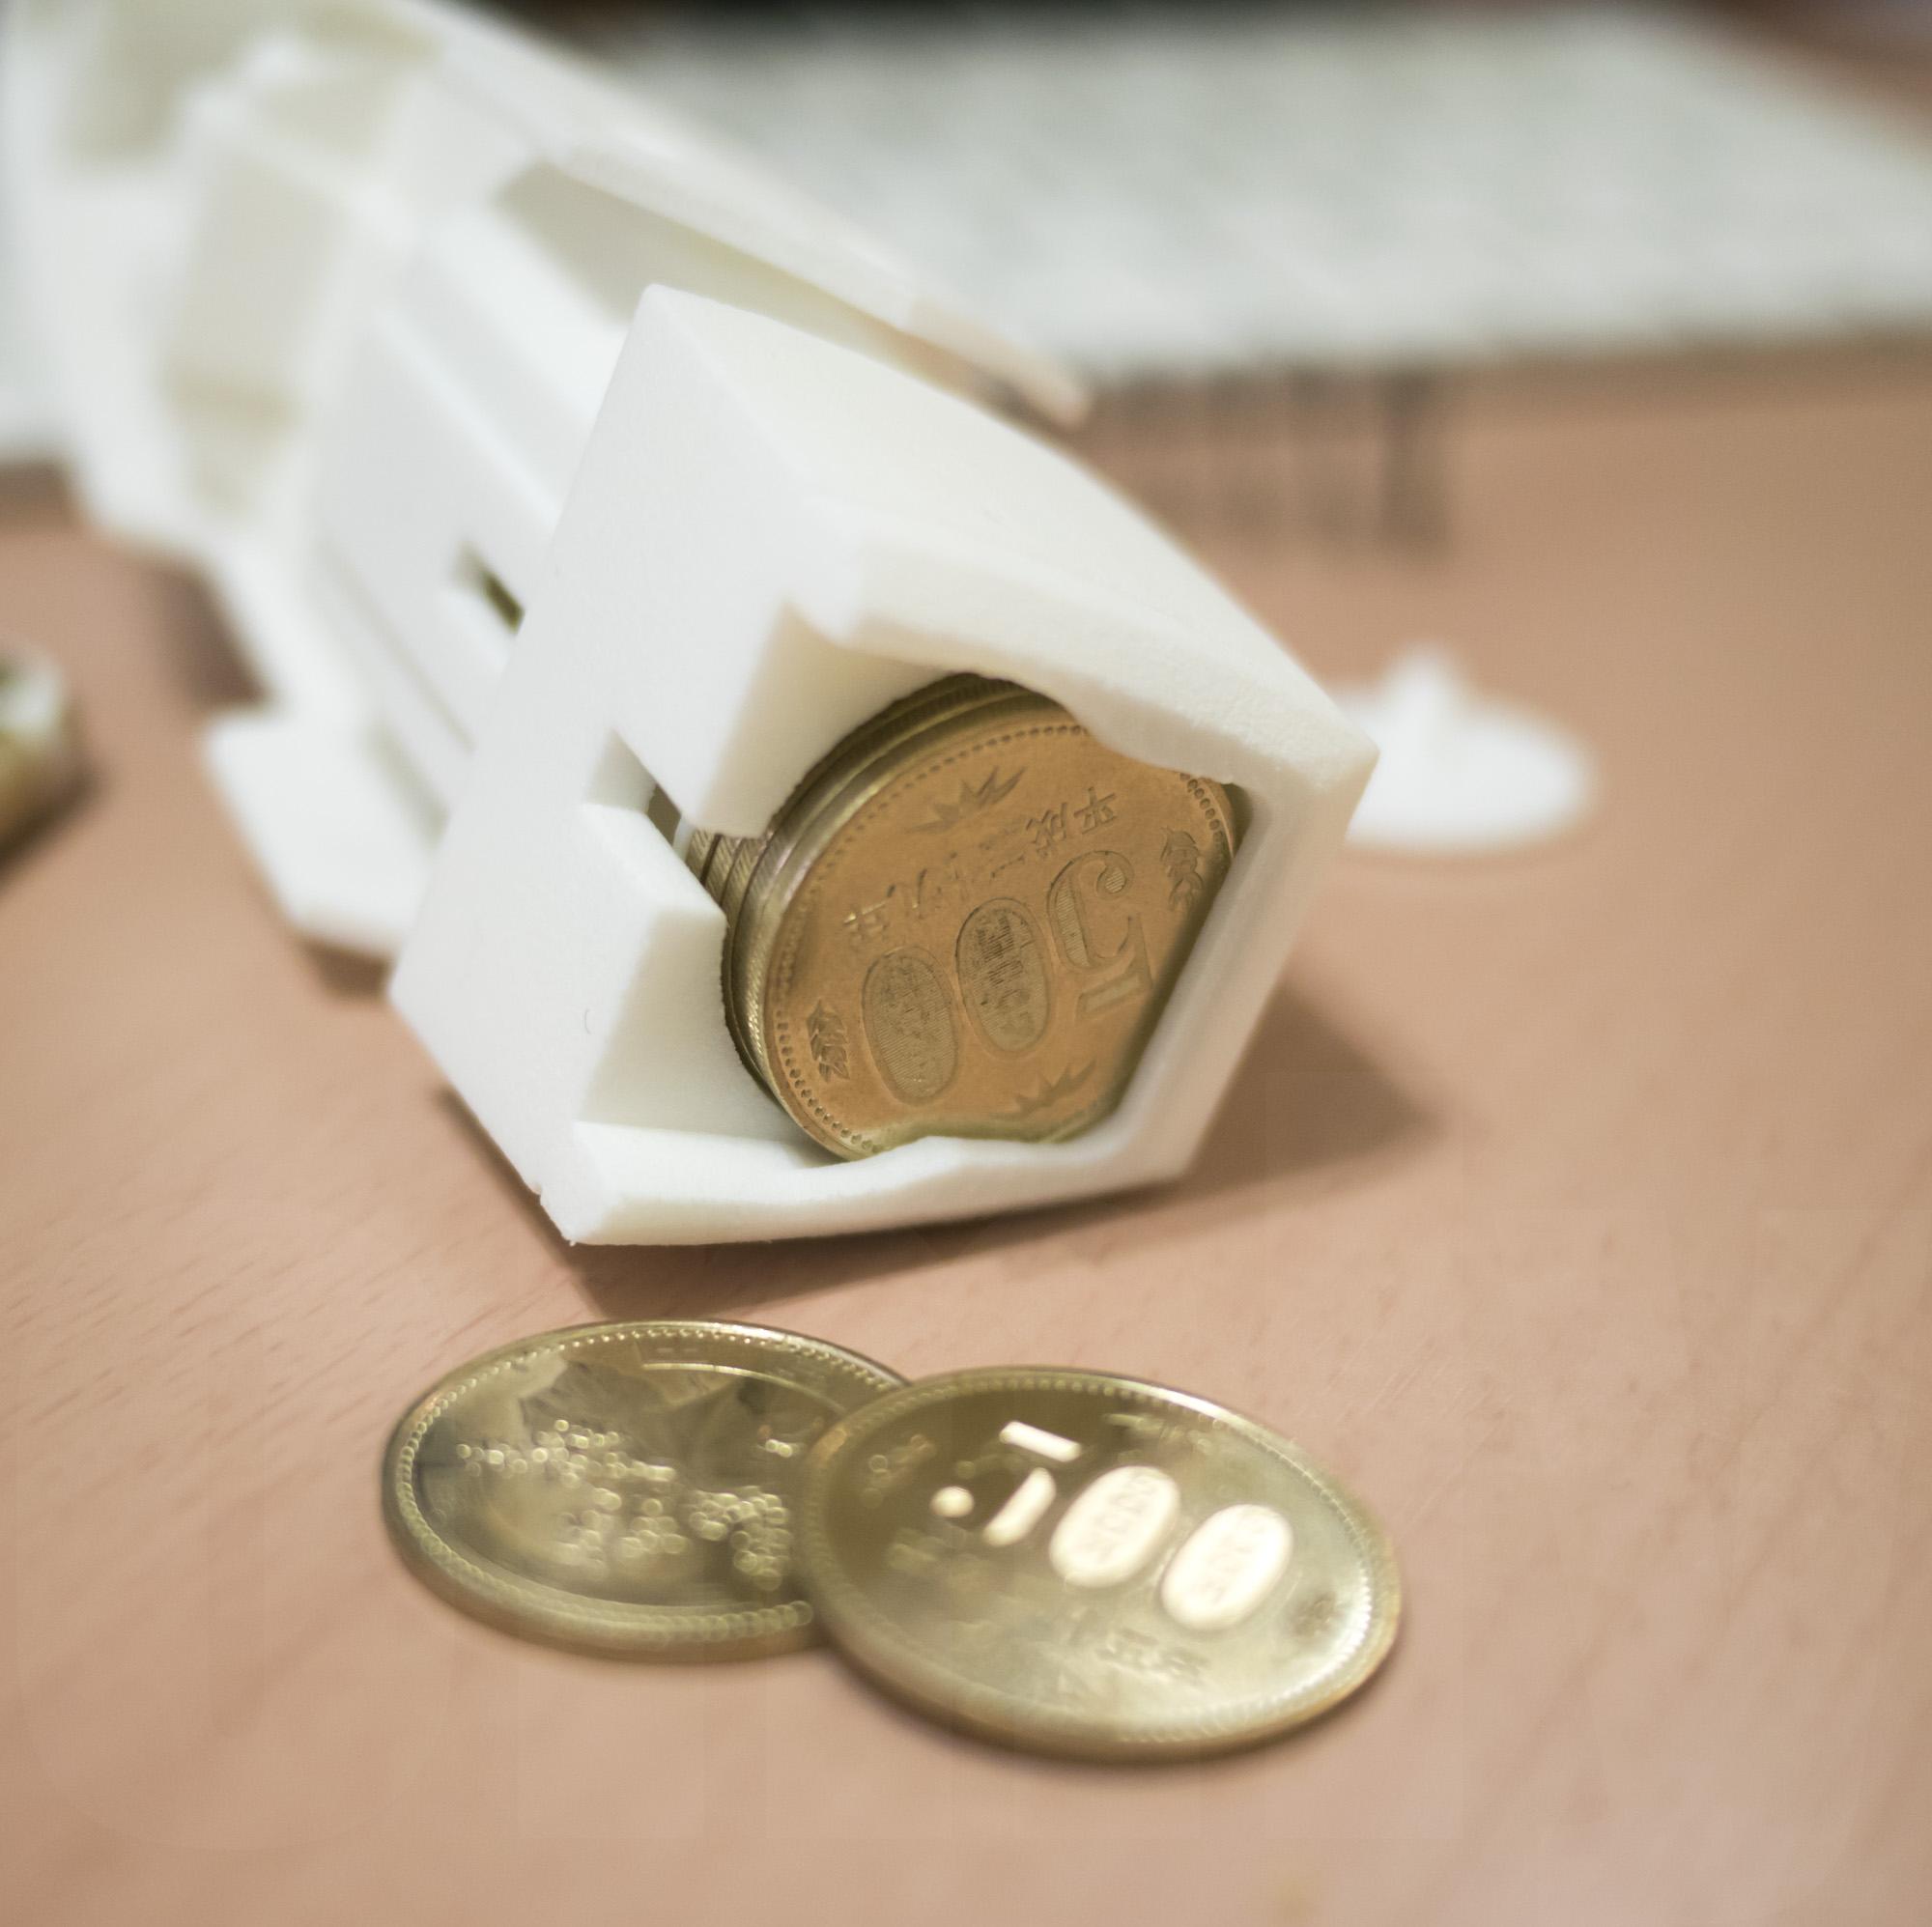 ミミノアーレ 3Dプリントモデル コインシリンダー 500円部分